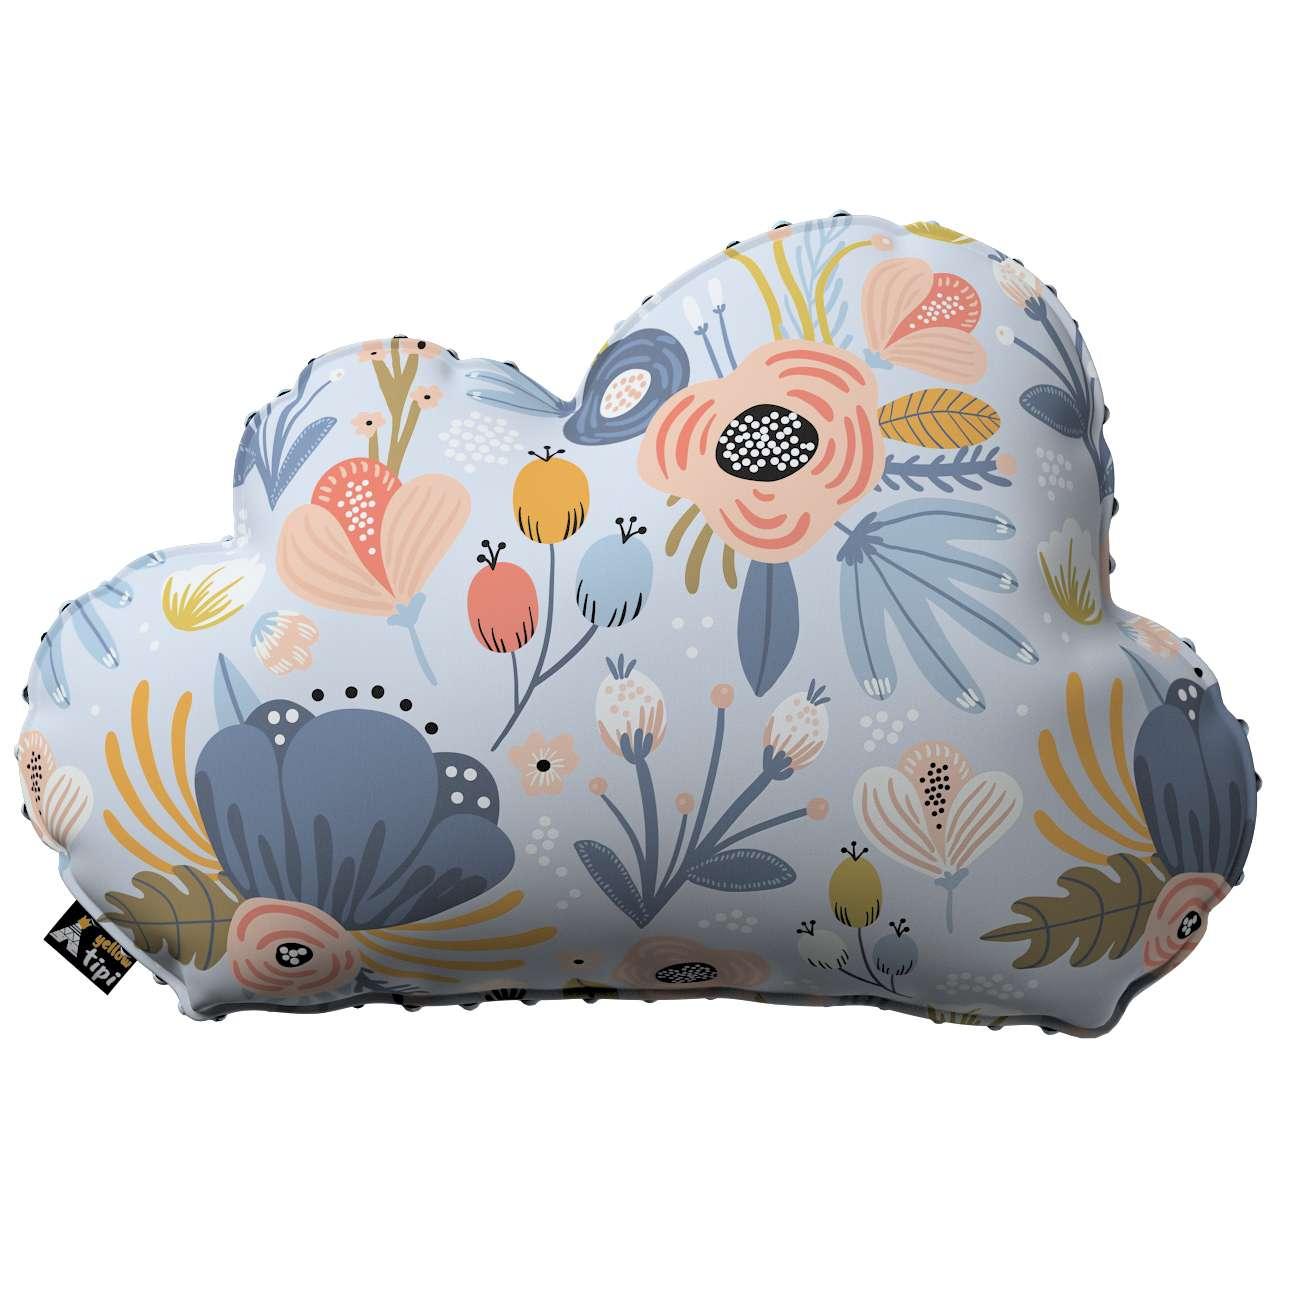 Kissen Soft Cloud aus Minky von der Kollektion Magic Collection, Stoff: 500-05